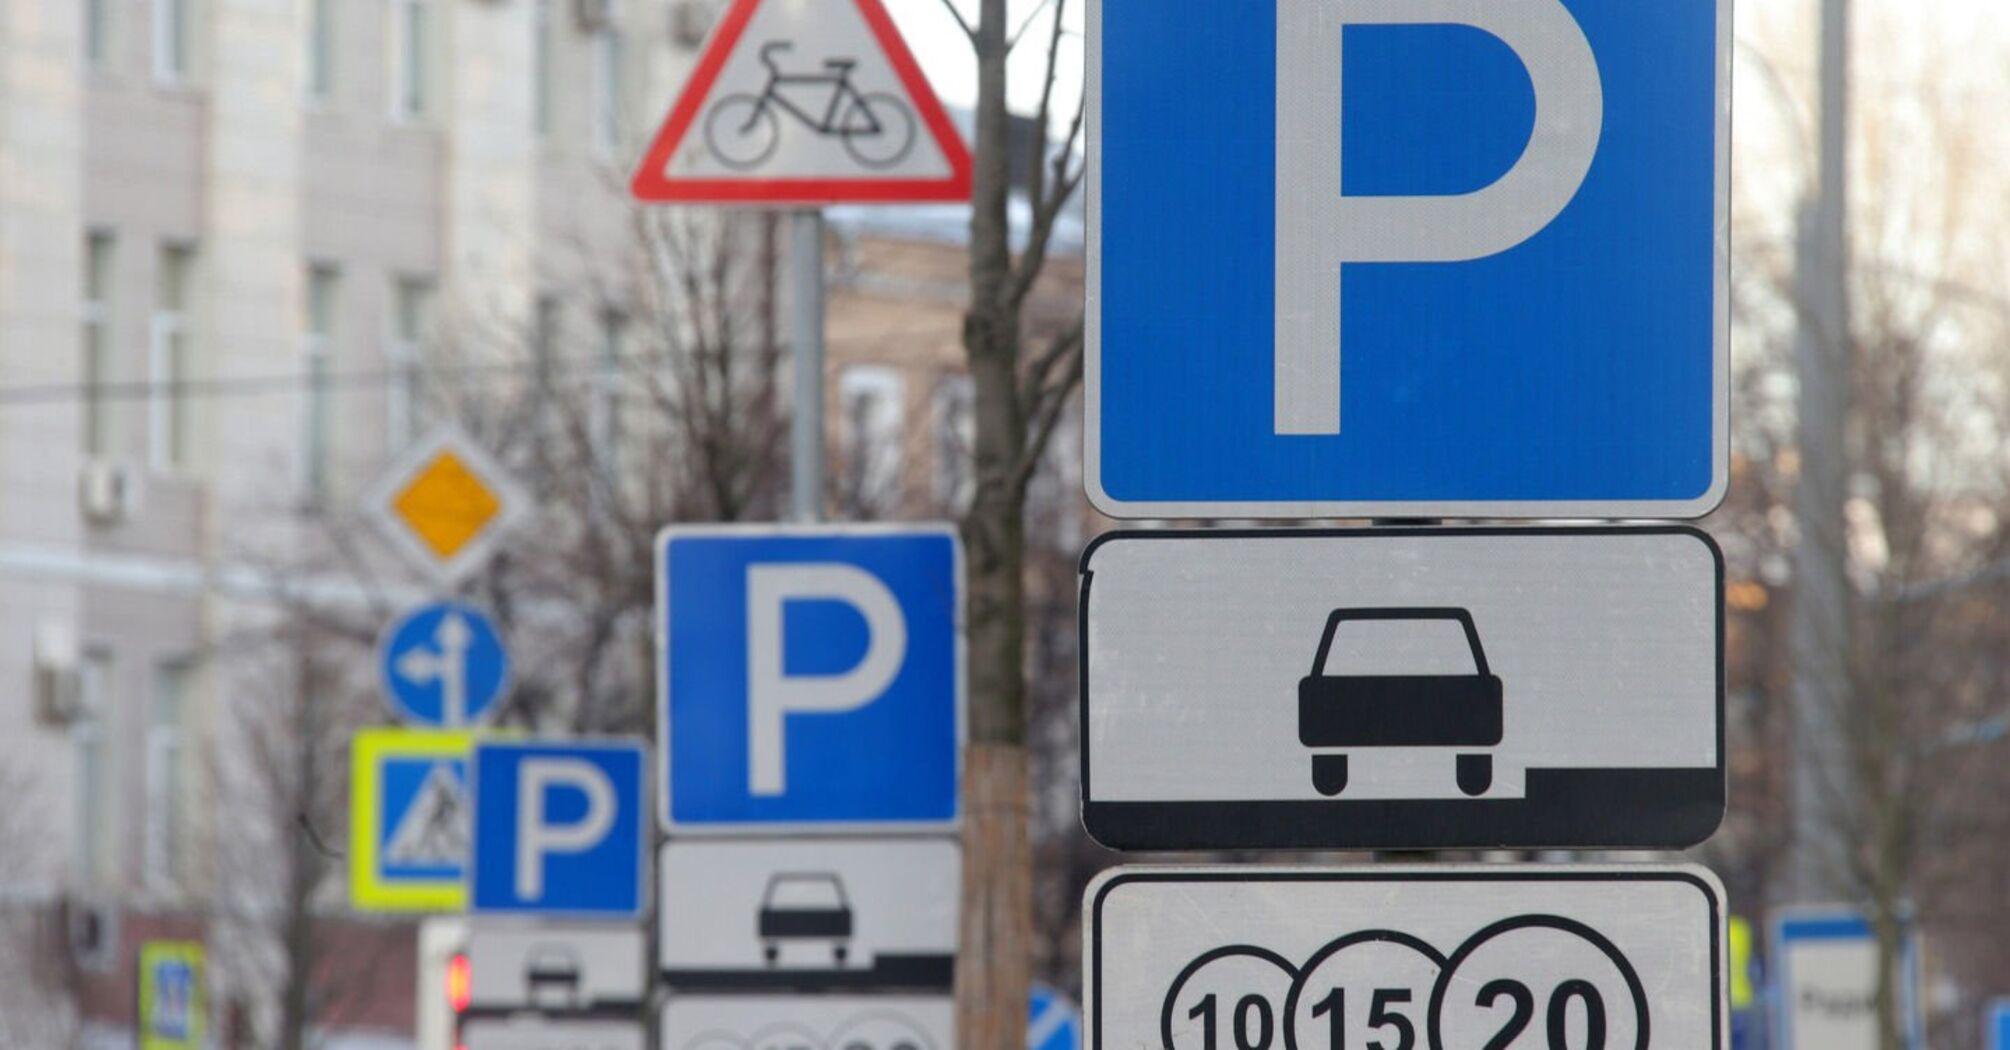 Украинских водителей будут по-новому штрафовать за парковку